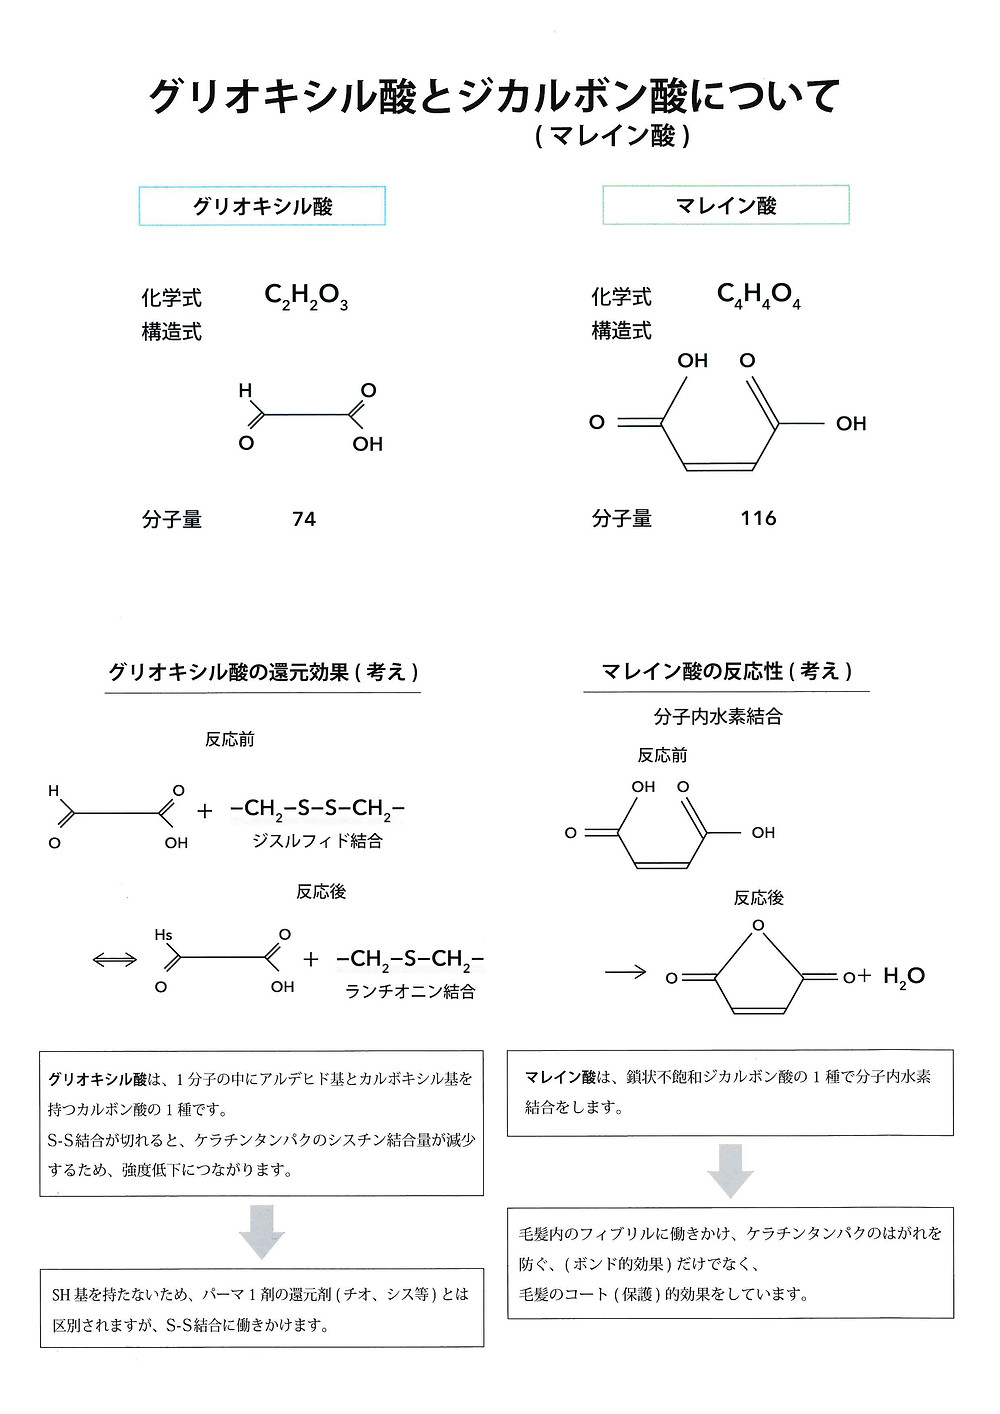 グリオキシル酸